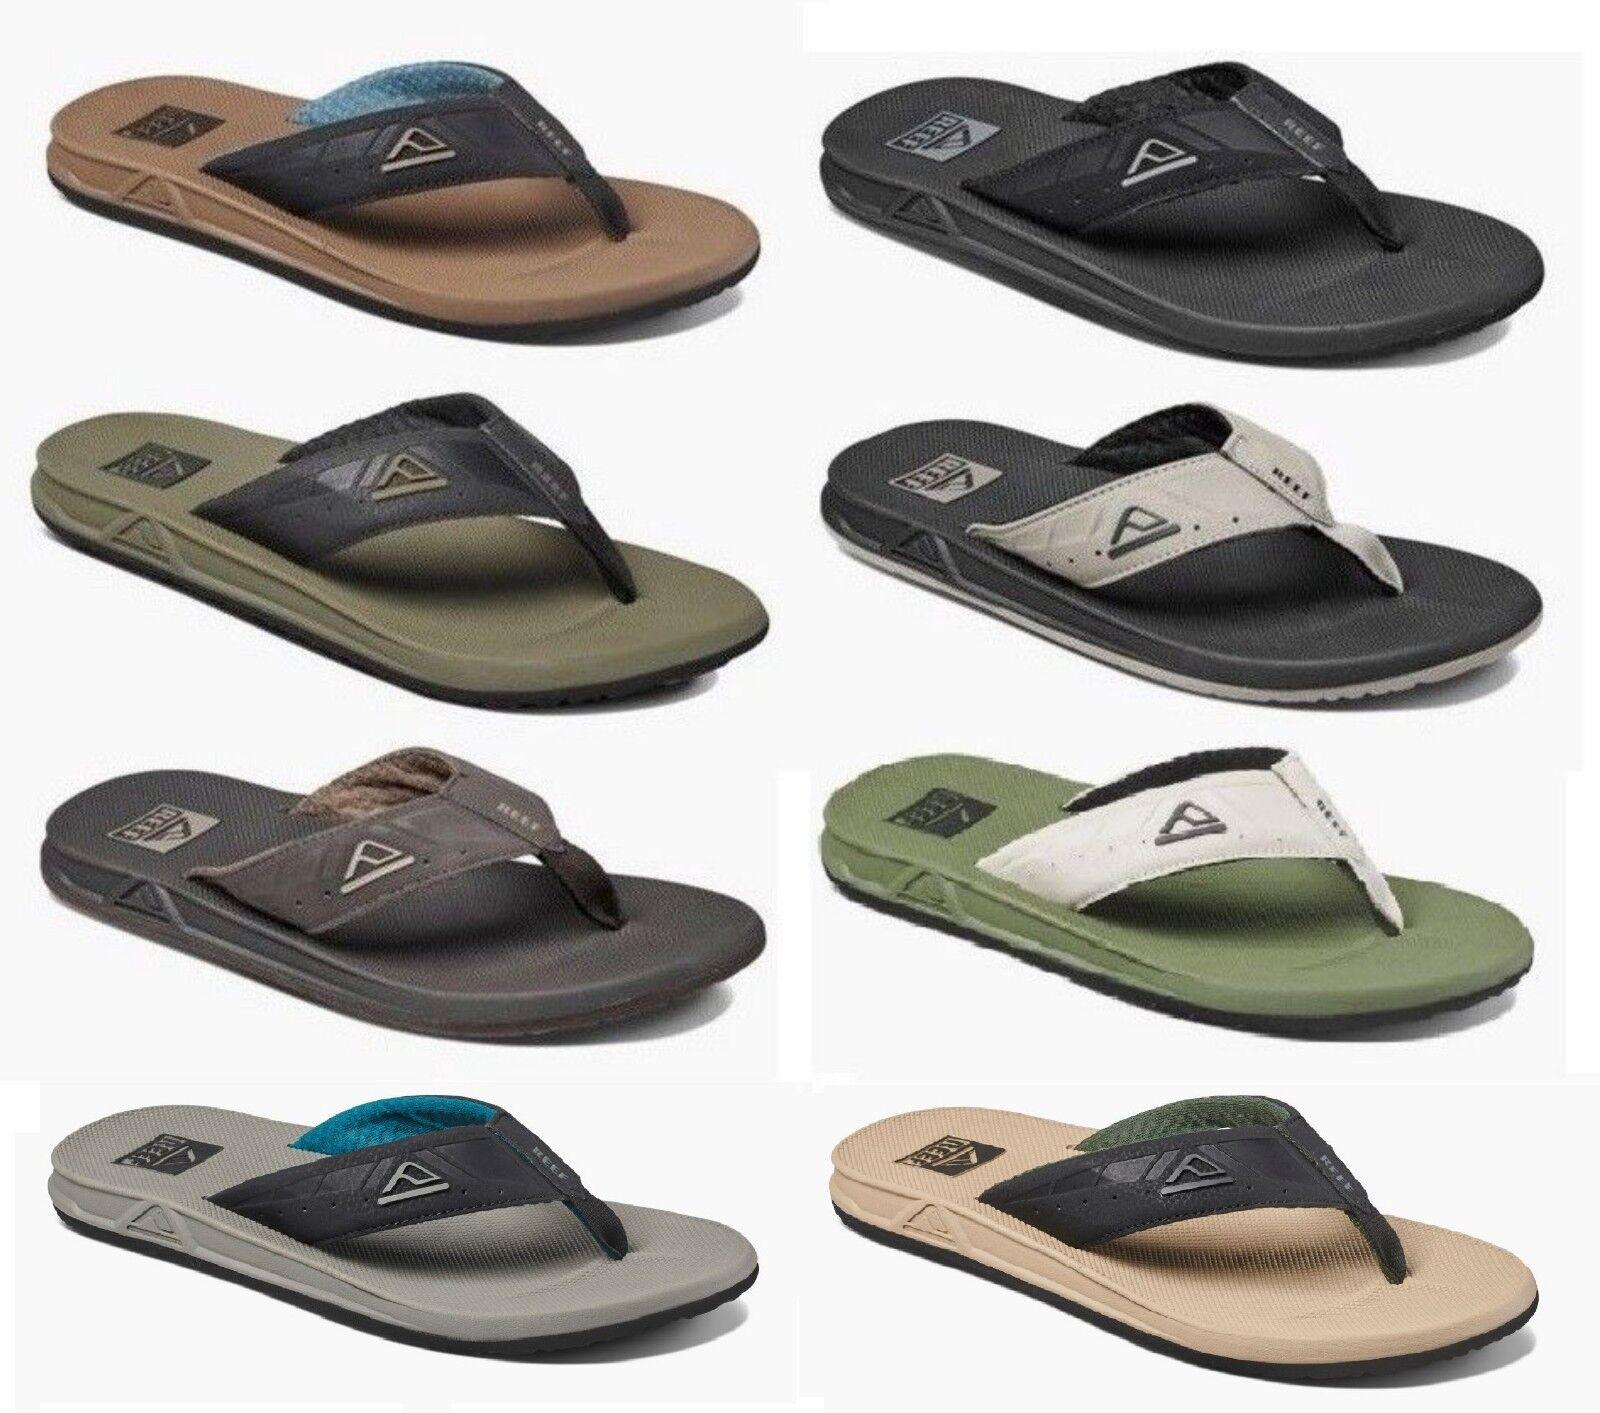 Reef Men's Phantoms Water Beach Flip Flops Sandals Sizes 7 8 9 10 11 12 13 14 15